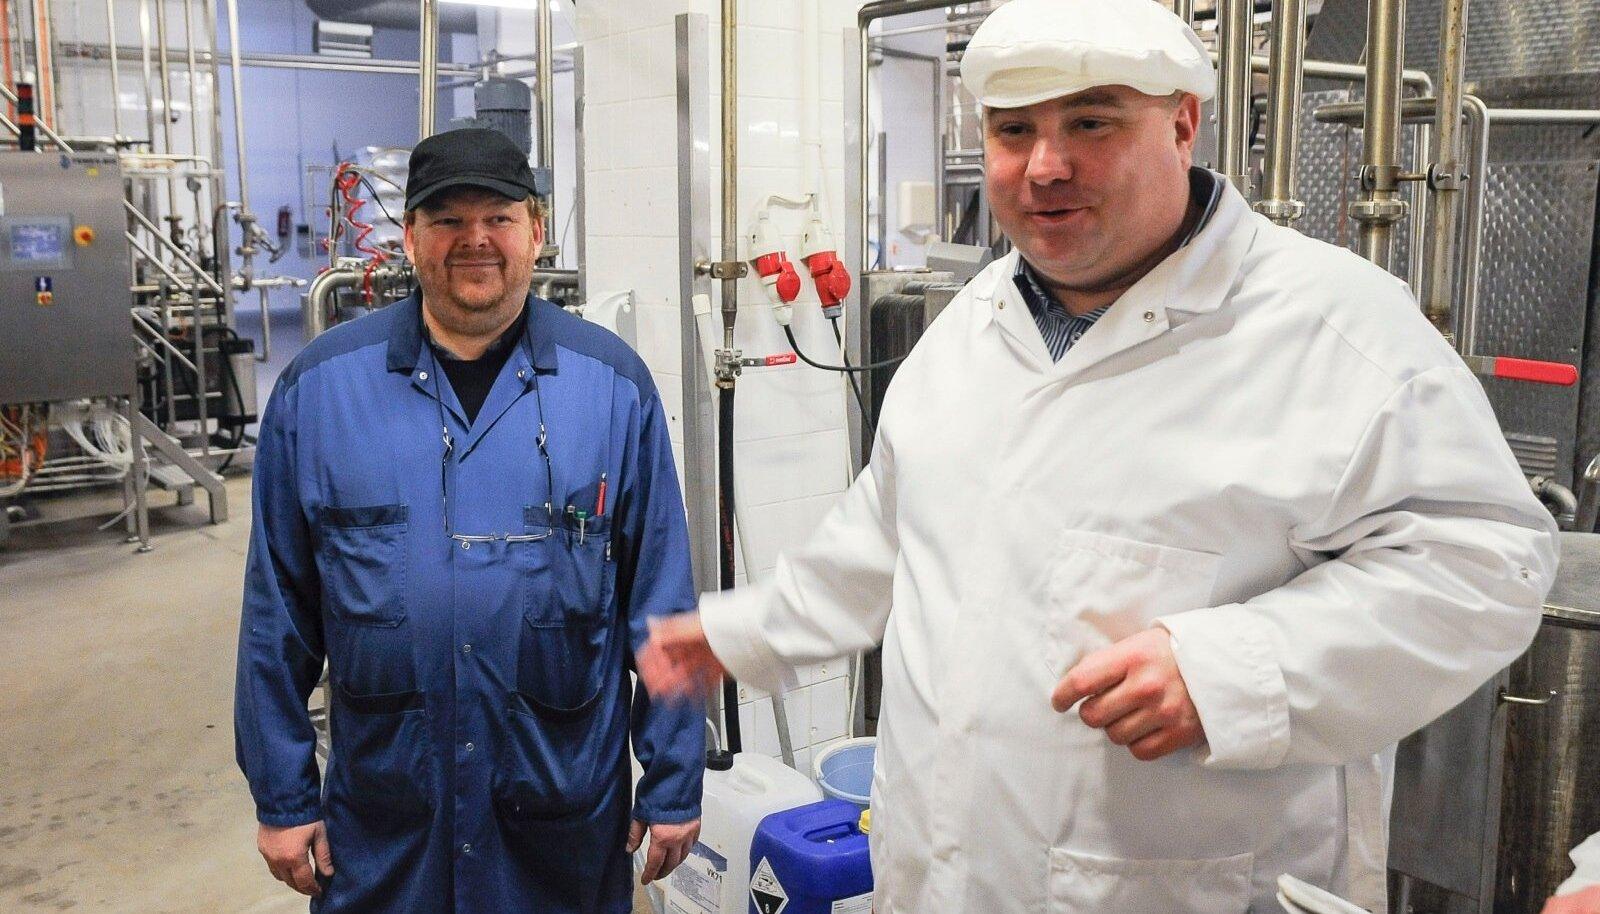 Farmi Piimatööstuse uue pakendiliini avamine. Pildid paremal ettevõtte juht Valdis Noppel.